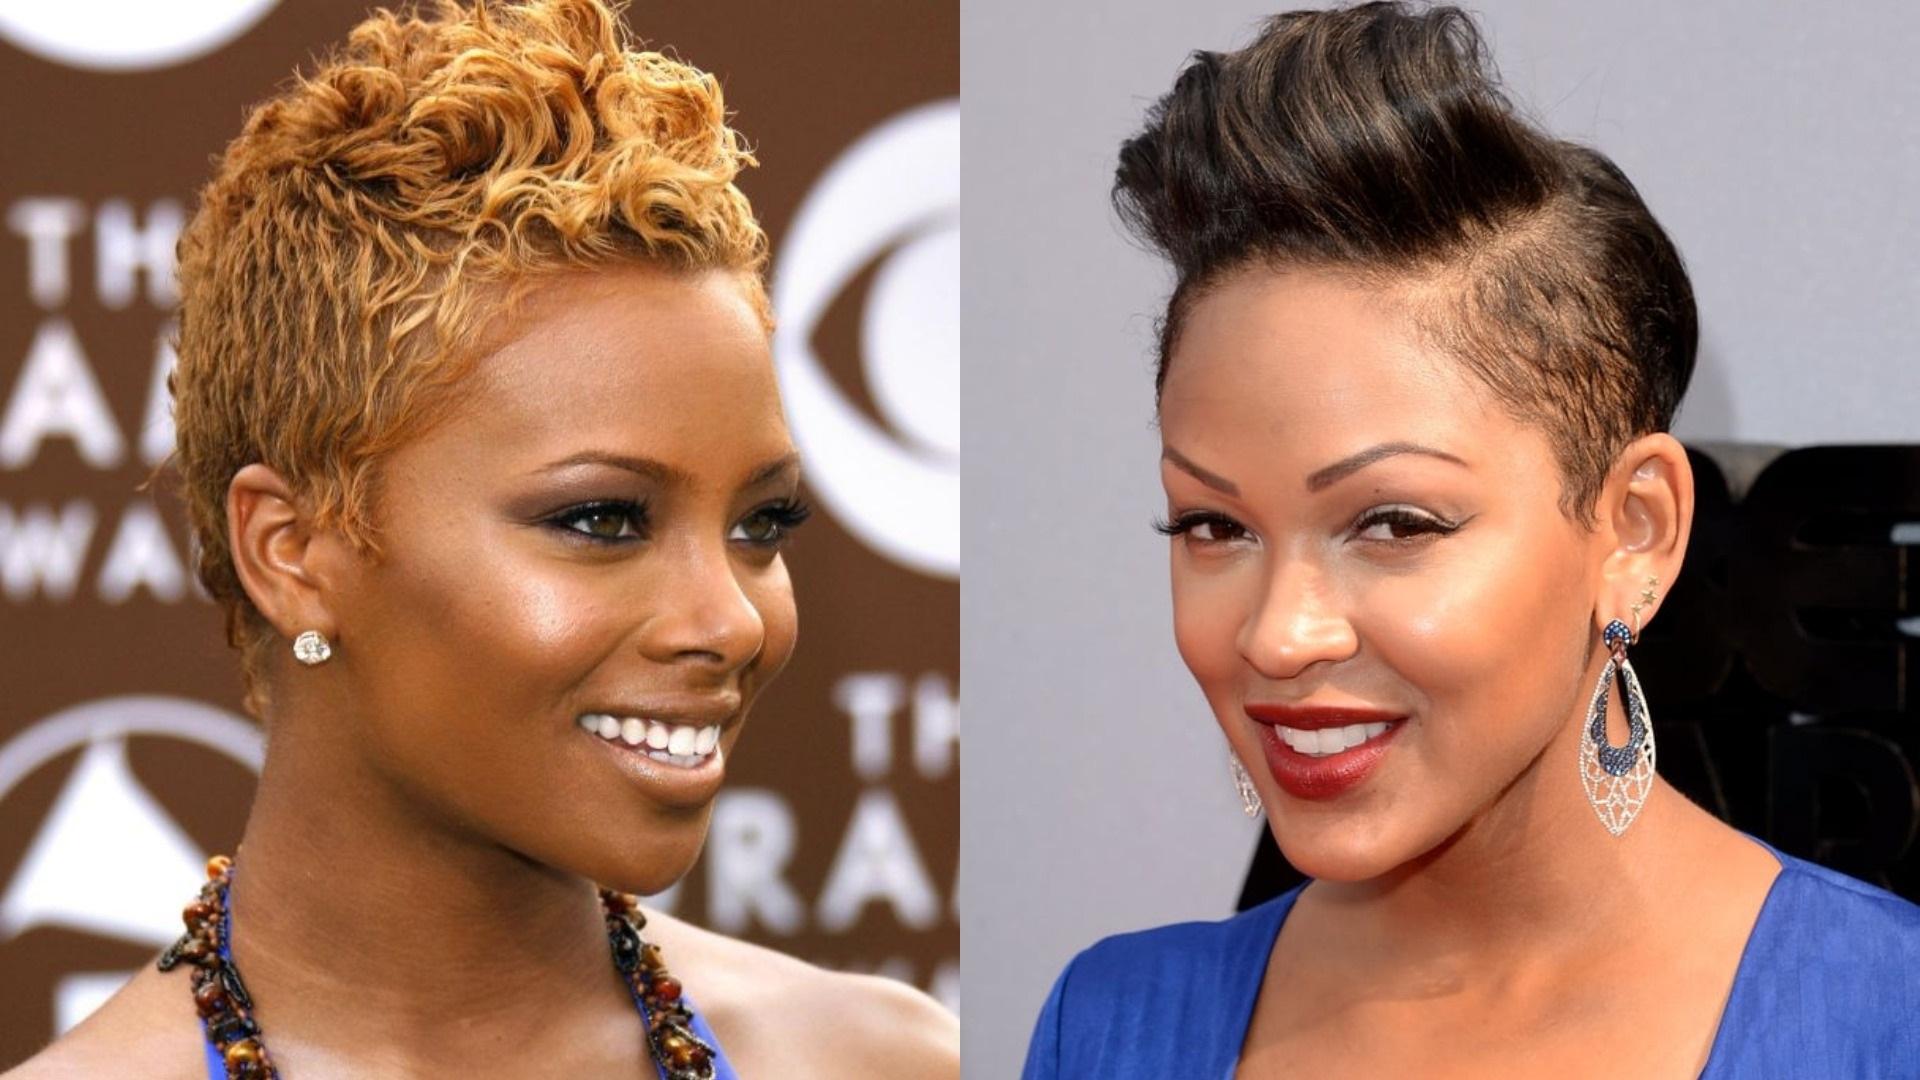 Short-Hairstyles-for-Black-Girls Short Hairstyles for Black Girls to Look Flawless